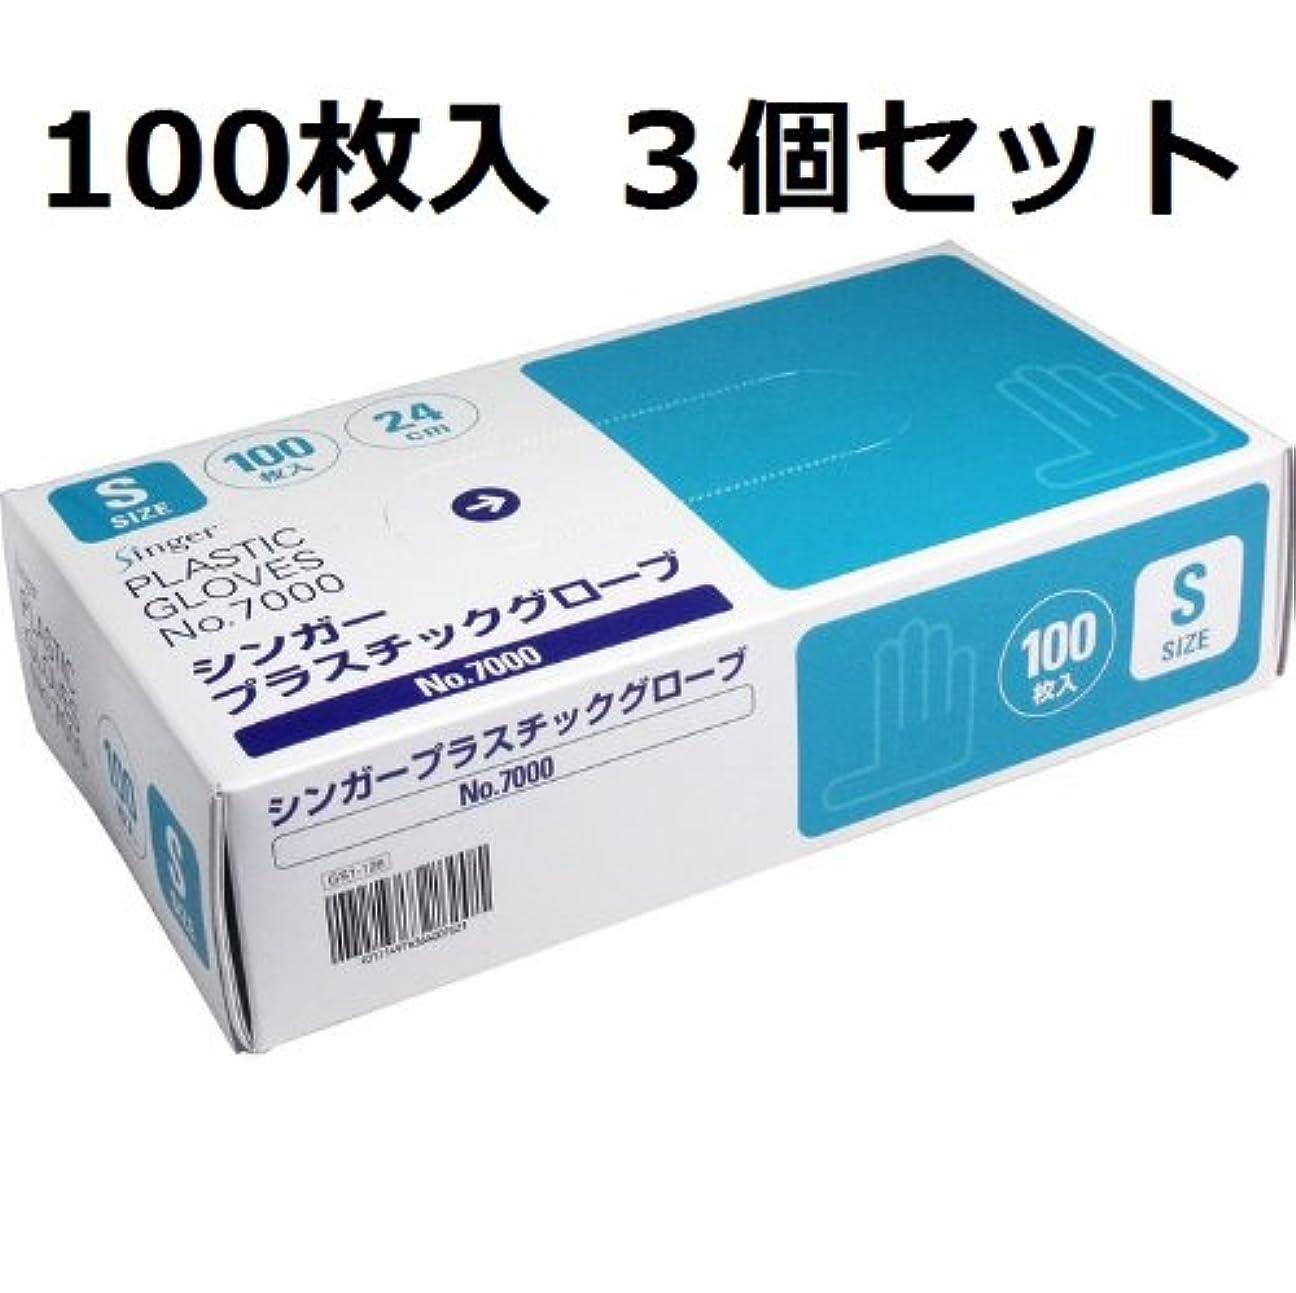 周辺部族種類便利な左右兼用タイプ シンガープラスチックグローブ No.7000 Sサイズ 100枚入  3個セット